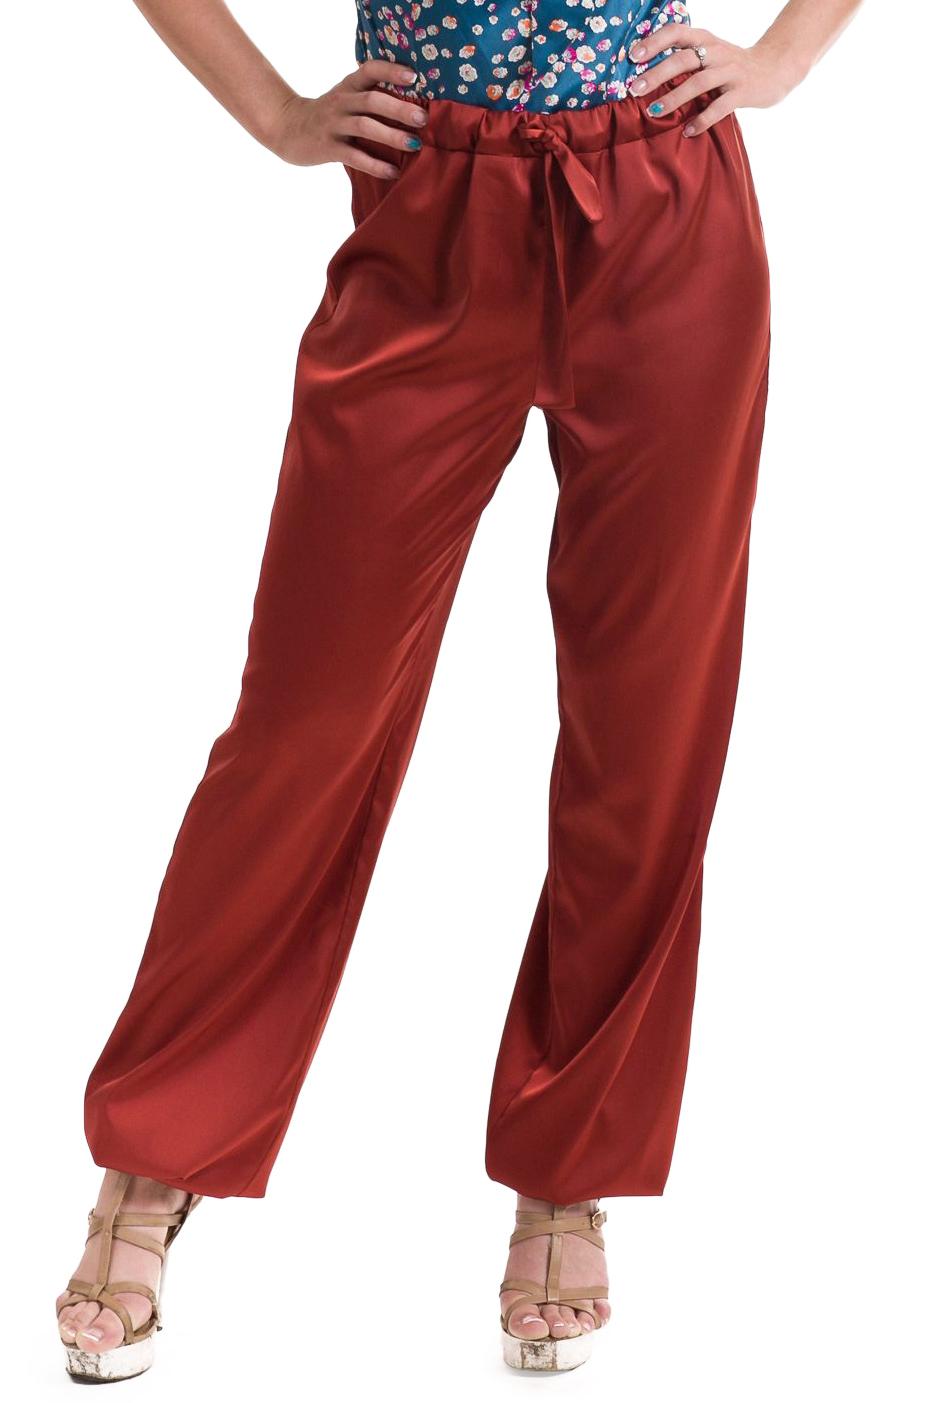 БрюкиБрюки<br>Брюки женские свободного покроя. В пояс вставлена резинка и завязки. Низ брюк собран на резинку.  Длина изделия: 42 размер - 115 см 44 размер - 115 см 46 размер - 115 см 48 размер - 115 см 50 размер - 115 см<br><br>По материалу: Тканевые,Хлопок,Атлас<br>По рисунку: Однотонные<br>По сезону: Лето<br>По силуэту: Свободные,Прямые<br>По стилю: Кэжуал,Повседневный стиль,Летний стиль,Молодежный стиль,Нарядный стиль<br>По форме: Шаровары<br>Размер : 42<br>Материал: Атлас<br>Количество в наличии: 7